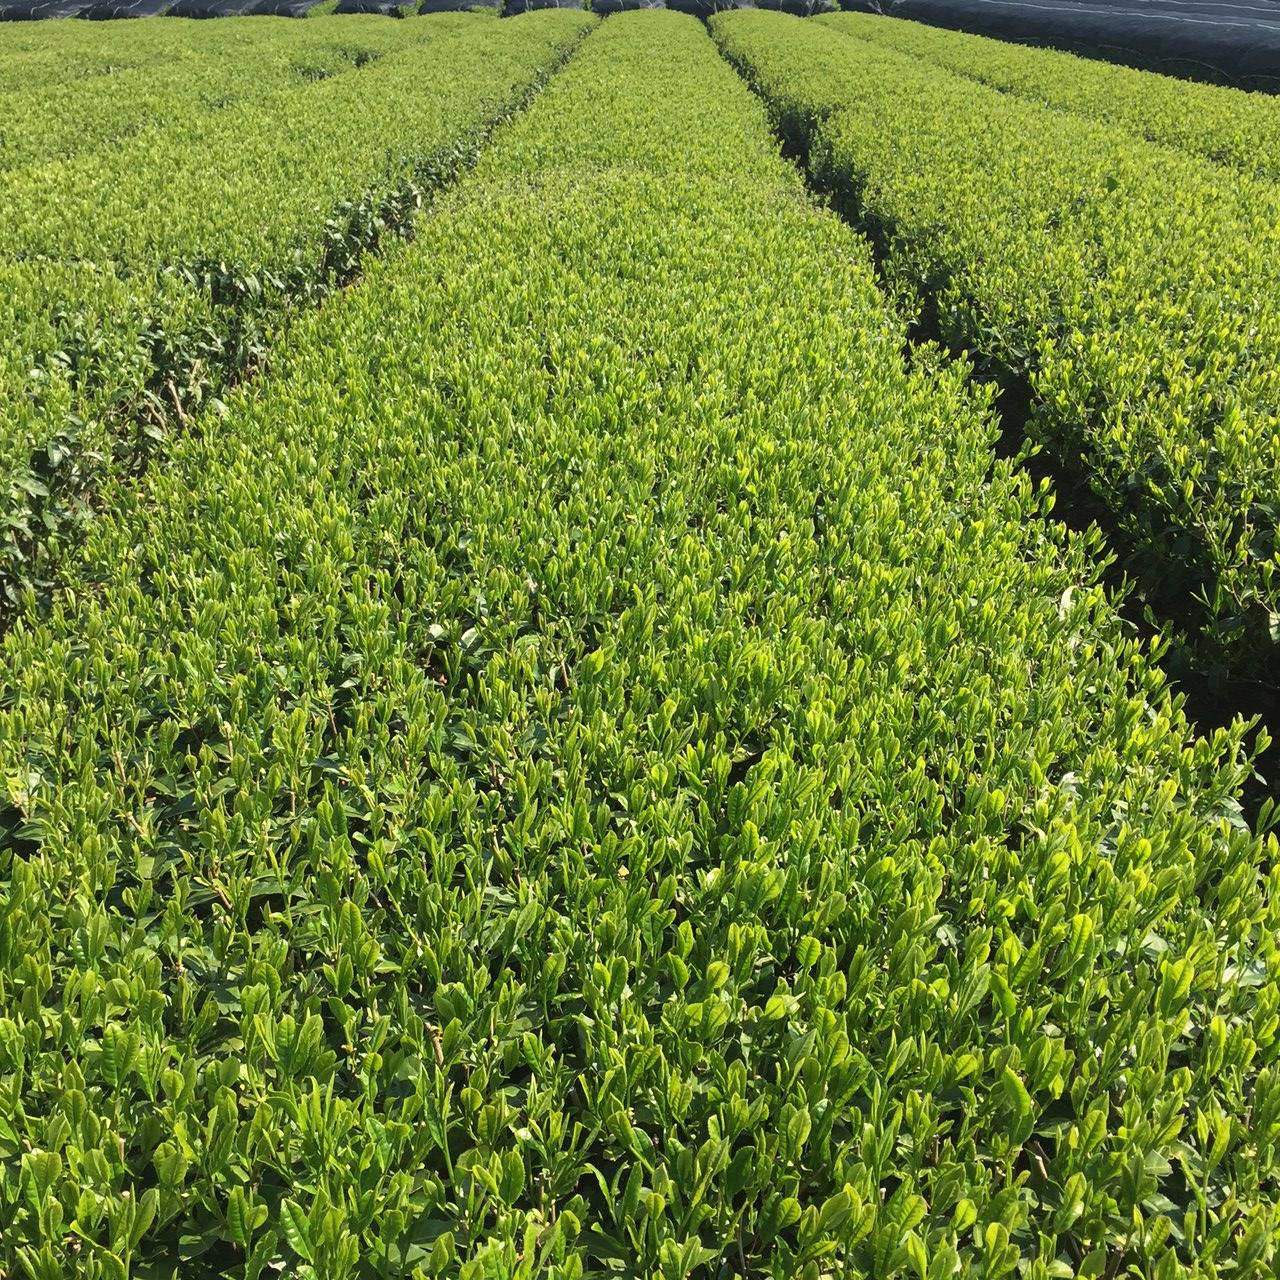 2017年4月23日かごしま緑茶の茶園風景です。品種はヤブキタです。小さな新芽成長中。